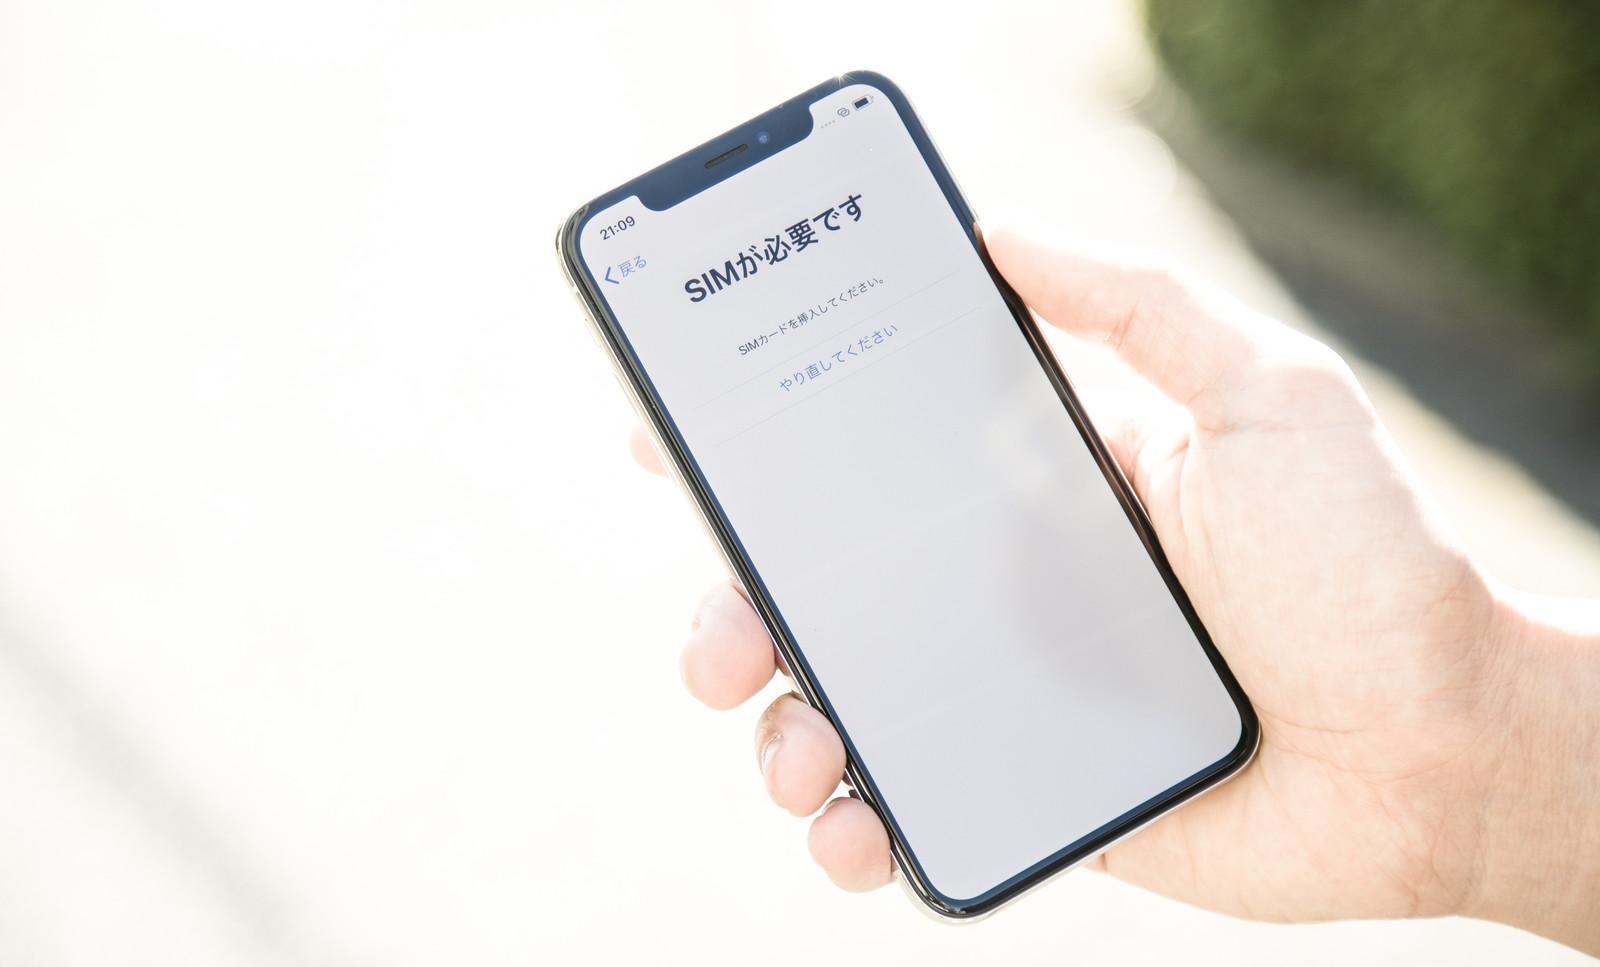 ドコモのiPhone Xが20,736円は得か損か?キャリアで評価分かれる。